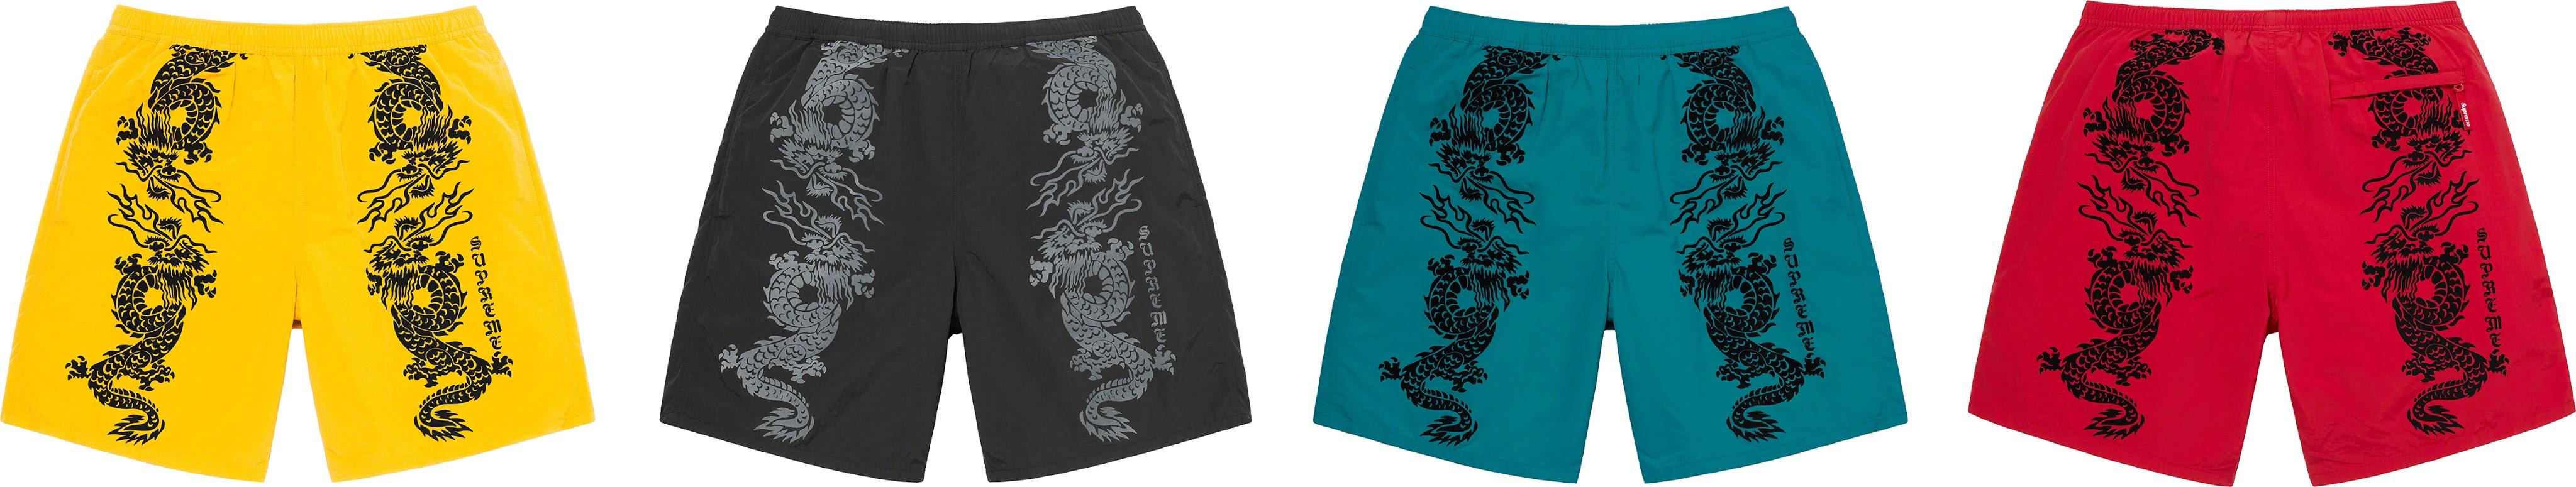 シュプリーム 2021年 春夏 新作 パンツ ショーツ Supreme 2021ss pants shorts 一覧 Dragon Water Short